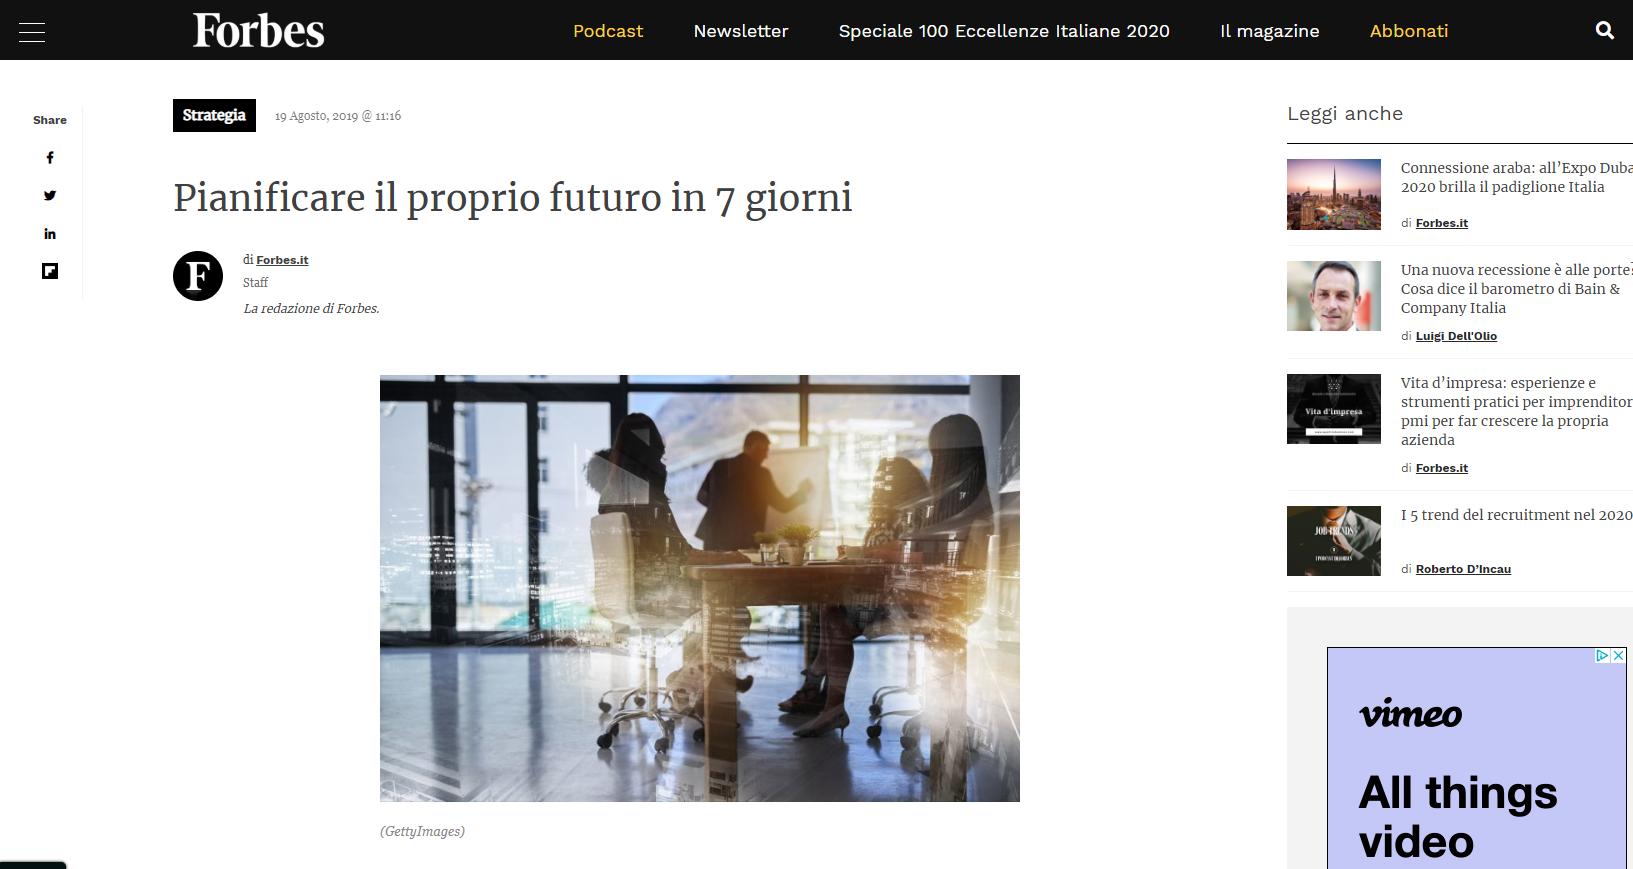 Forbes.it – Pianificare il proprio futuro in 7 giorni